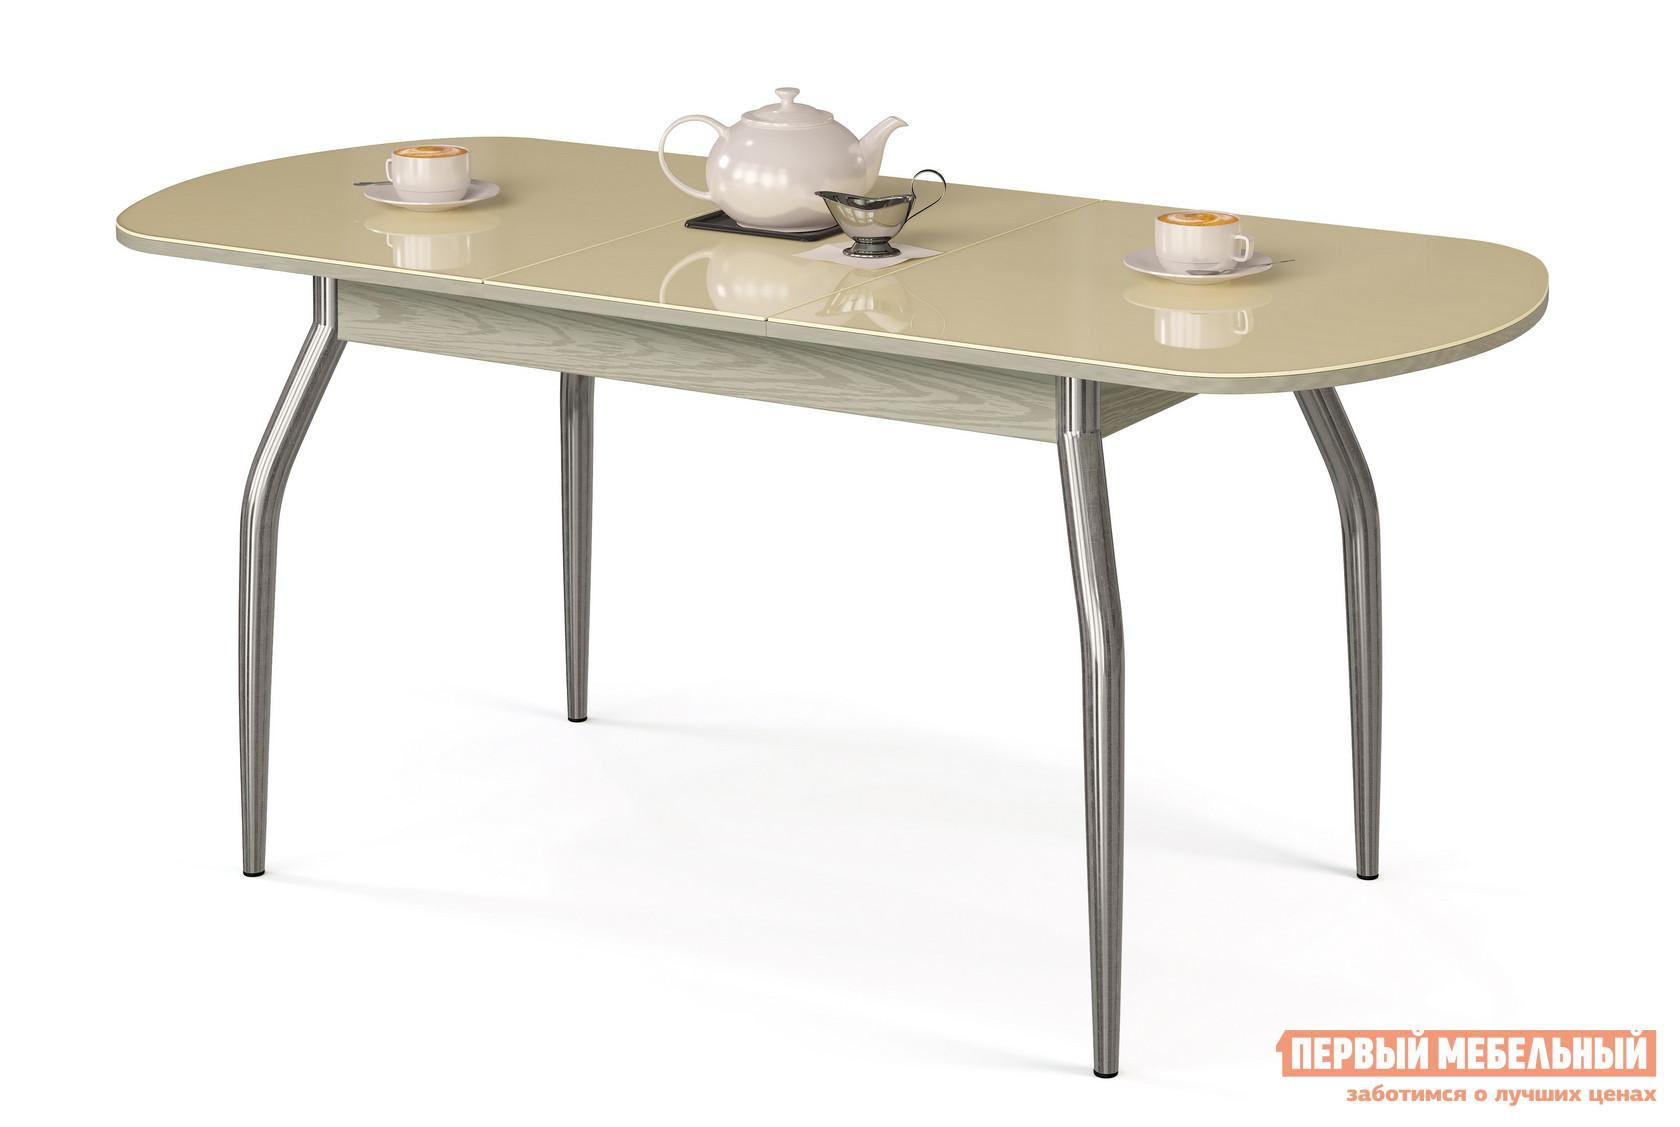 Кухонный стол МегаЭлатон Сиена-Стекло Бежевый, Дуб швейцарскийКухонные столы<br>Габаритные размеры ВхШхГ 750x1340 / 1740x750 мм. Раздвижной обеденный стол со стеклянной накладкой на столешнице.  Металлические ножки слегка изогнуты, что делает конструкцию более изящной.  Для легкости раздвижения стола использован практичный шариковый механизм. Размер стола:В собранном виде (ВхШхГ): 750 х 1340 х 750 мм;В разложенном виде (ВхШхГ): 750 х 1740 х 750 мм;Ножки выполнены и хромированной металлической трубы.  Столешница изготовлена из ЛДСП толщиной 18 мм.  Торцевые части деталей облицованы кромкой ПВХ толщиной 2 мм.  Стеклянная накладка имеет толщину 4 мм.  Обратите внимание! Перед оформлением заказа необходимо выбрать подходящий вам вариант столешницы и стеклянной накладки.  Центральная часть столешницы стеклом не покрывается.<br><br>Цвет: Бежевый<br>Высота мм: 750<br>Ширина мм: 1340 / 1740<br>Глубина мм: 750<br>Кол-во упаковок: 1<br>Форма поставки: В разобранном виде<br>Срок гарантии: 12 месяцев<br>Тип: Раздвижные<br>Тип: Трансформер<br>Материал: Дерево<br>Материал: Стекло<br>Материал: ЛДСП<br>Материал: МДФ<br>Форма: Овальные<br>Размер: Большие<br>С металлическими ножками: Да<br>Глянцевые: Да